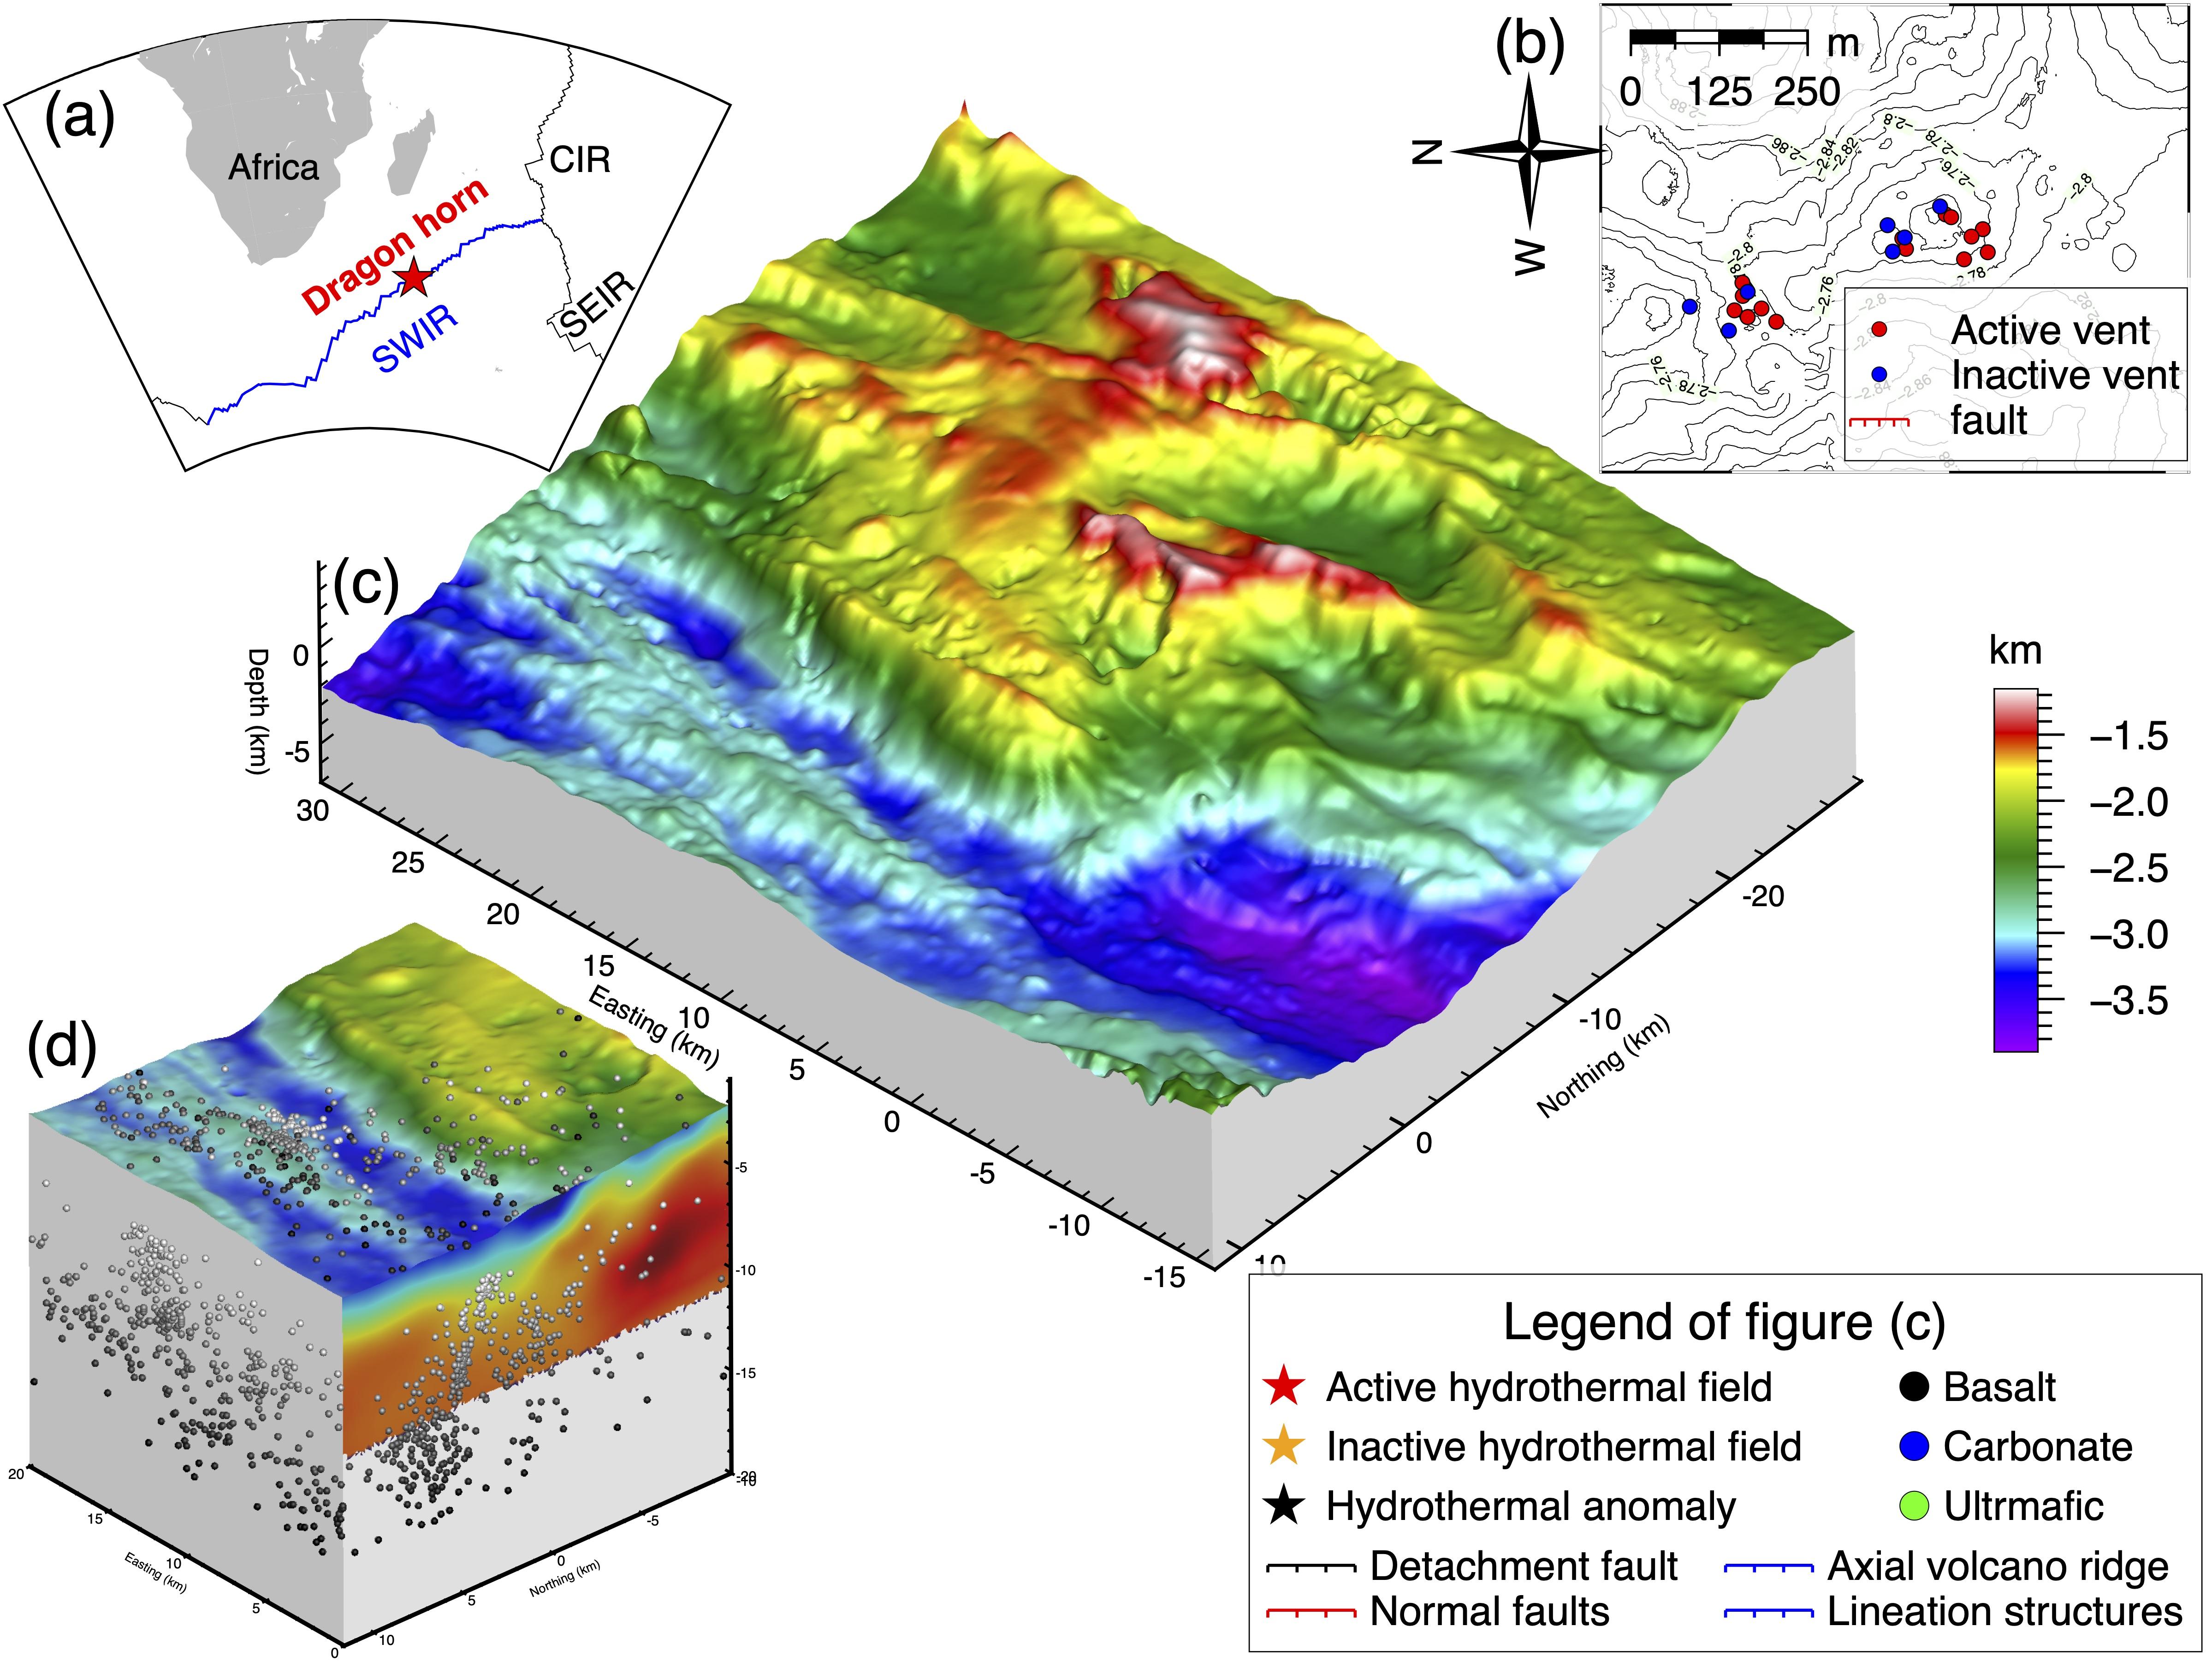 图1 Nature Comms.(10.1038/s41467-020-15062-w)论文中的图1用GMT绘制的效果